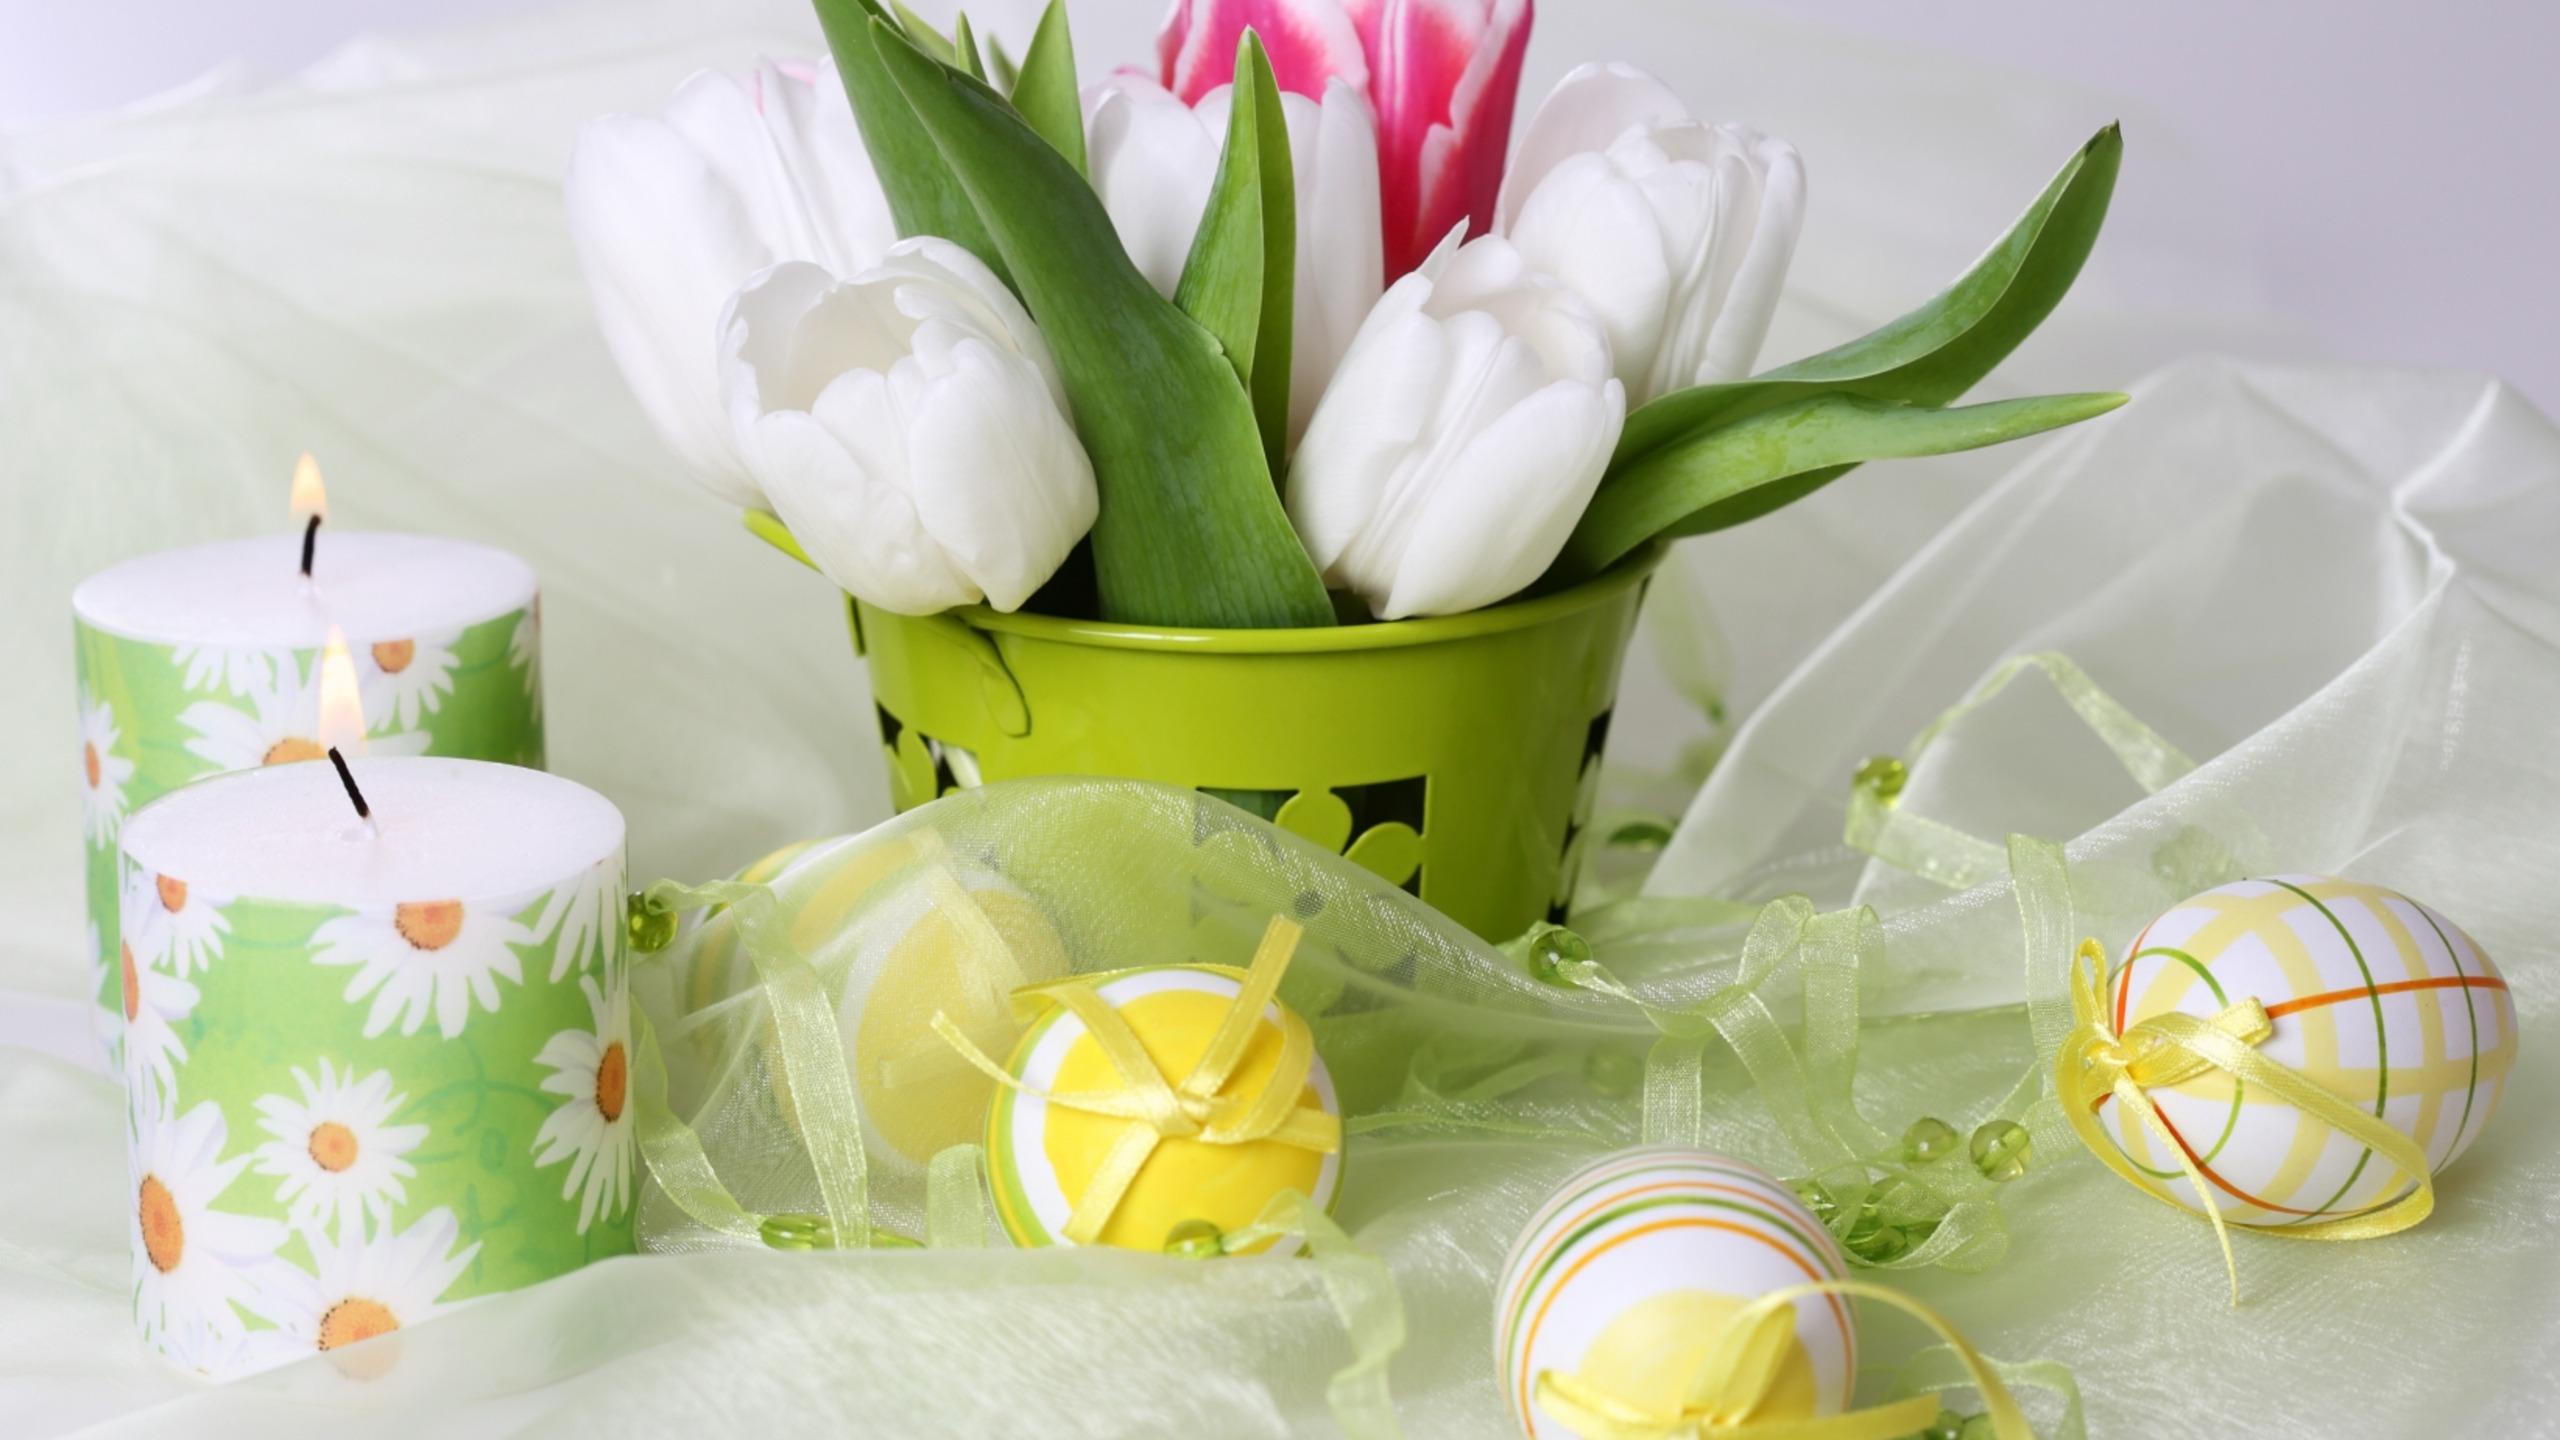 цветы свечи  № 1504394 без смс